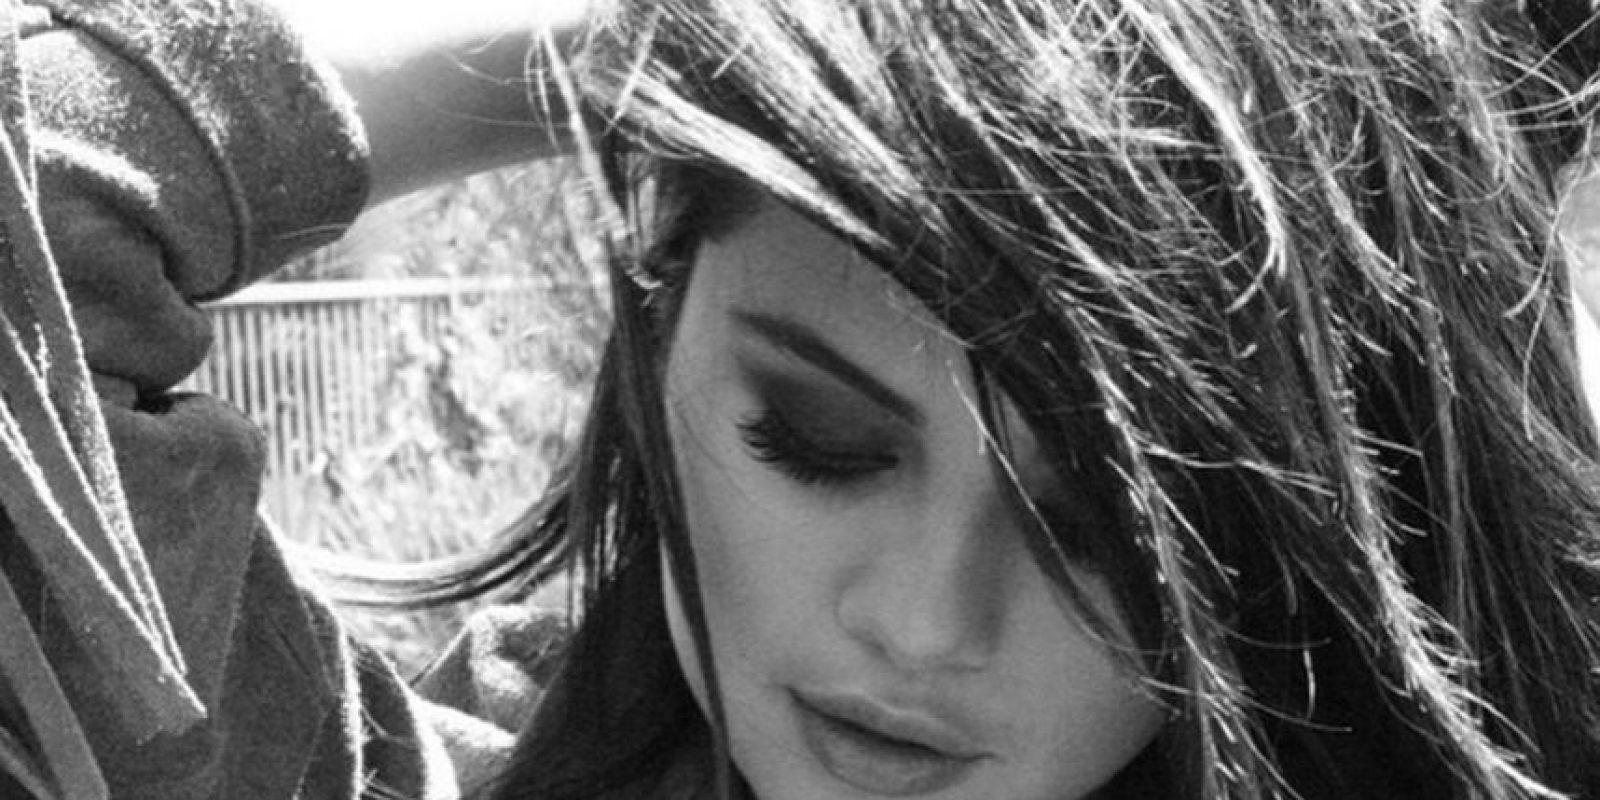 La también actriz disfrutó de una alocada reunión. Foto:Vía instagram.com/selenagomez/